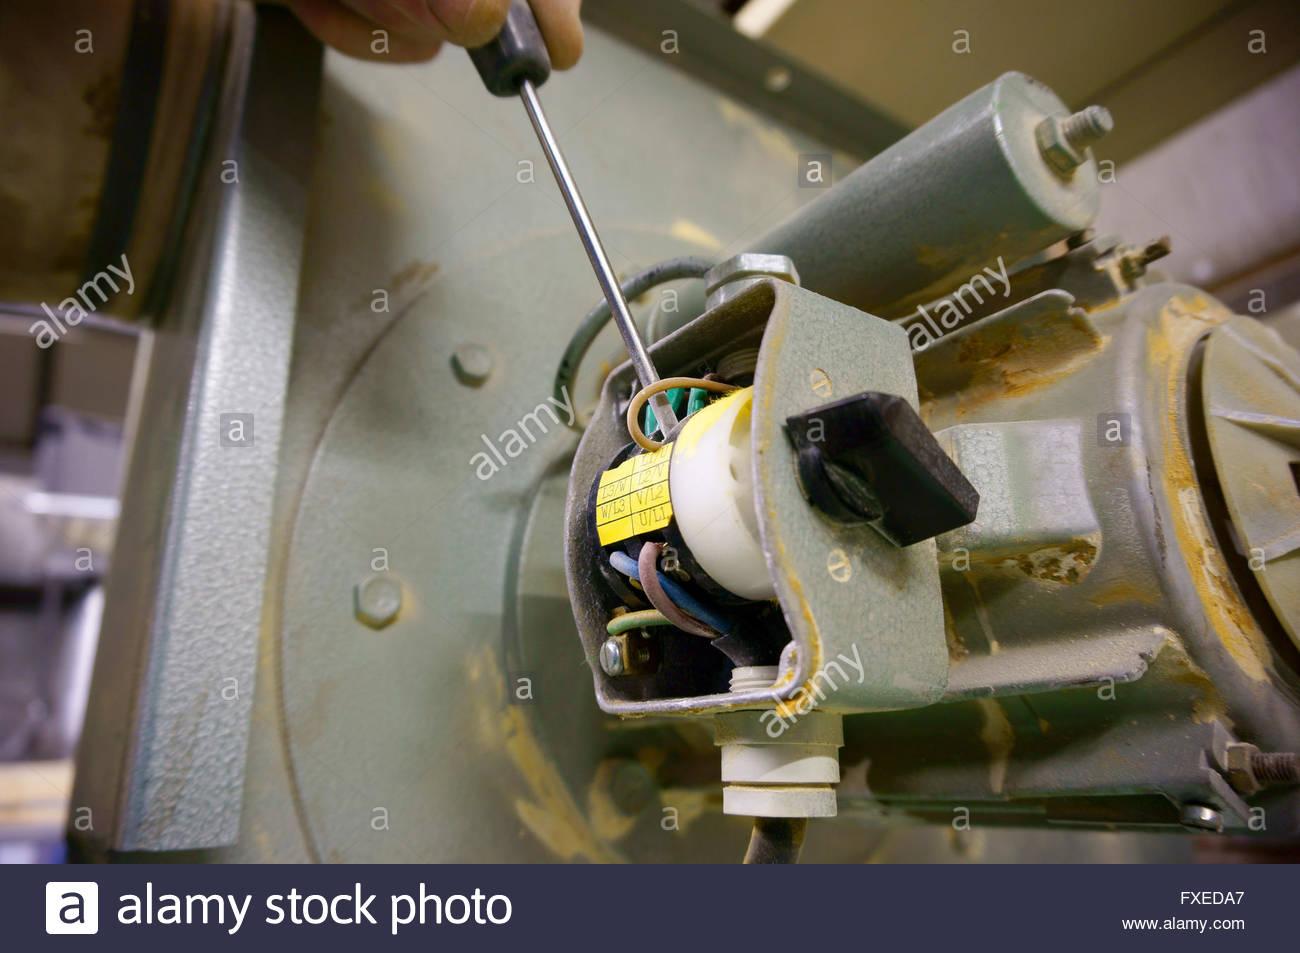 Verdrahtung Schalter Maschine Mensch Stockfoto, Bild: 102350703 - Alamy